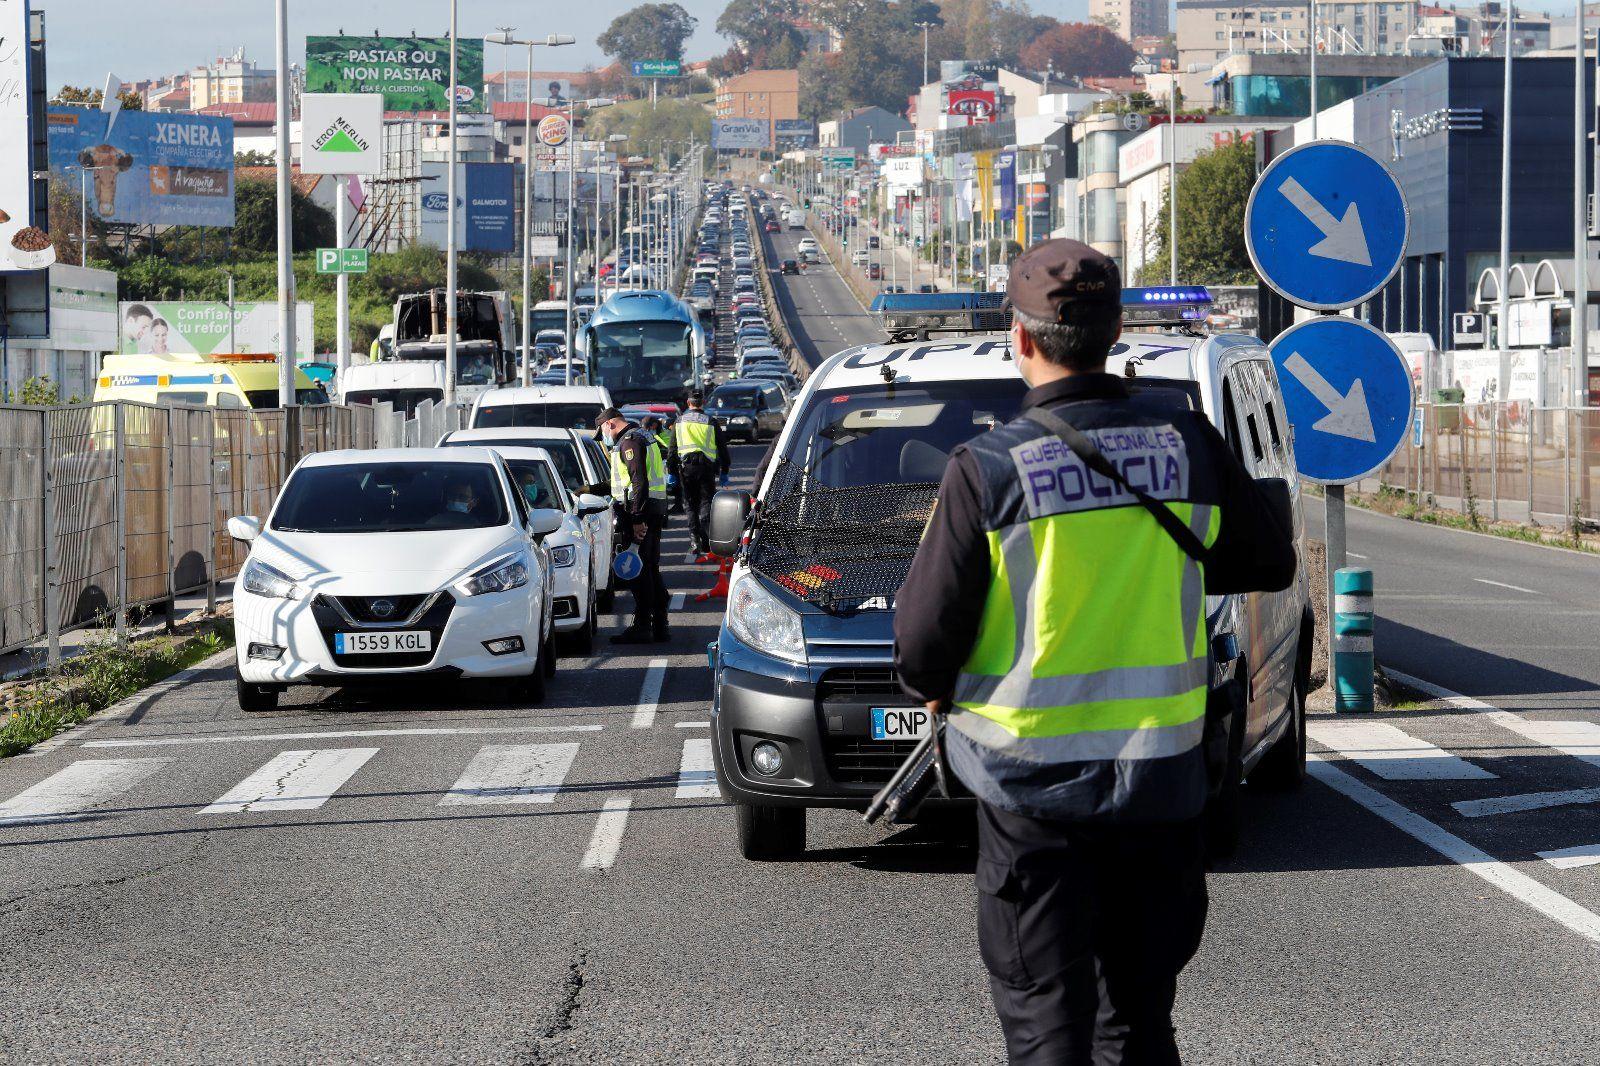 Cierre perimetral de Vigo: un puente de Todos los Santos Confinados